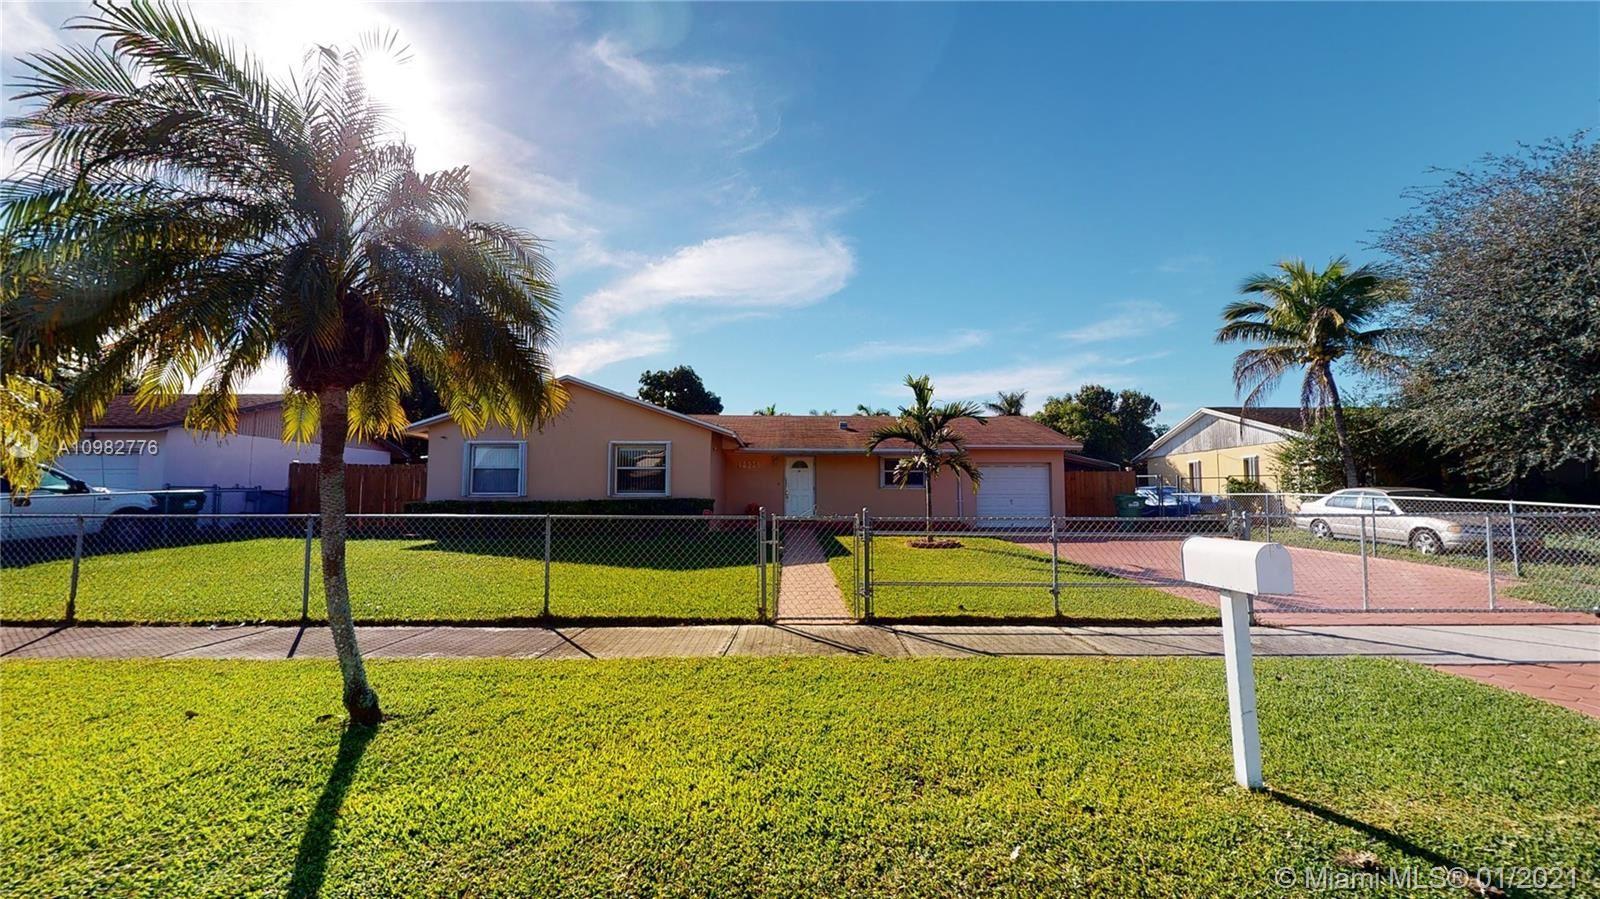 10934 SW 159th Ter, Miami, FL 33157 - #: A10982776